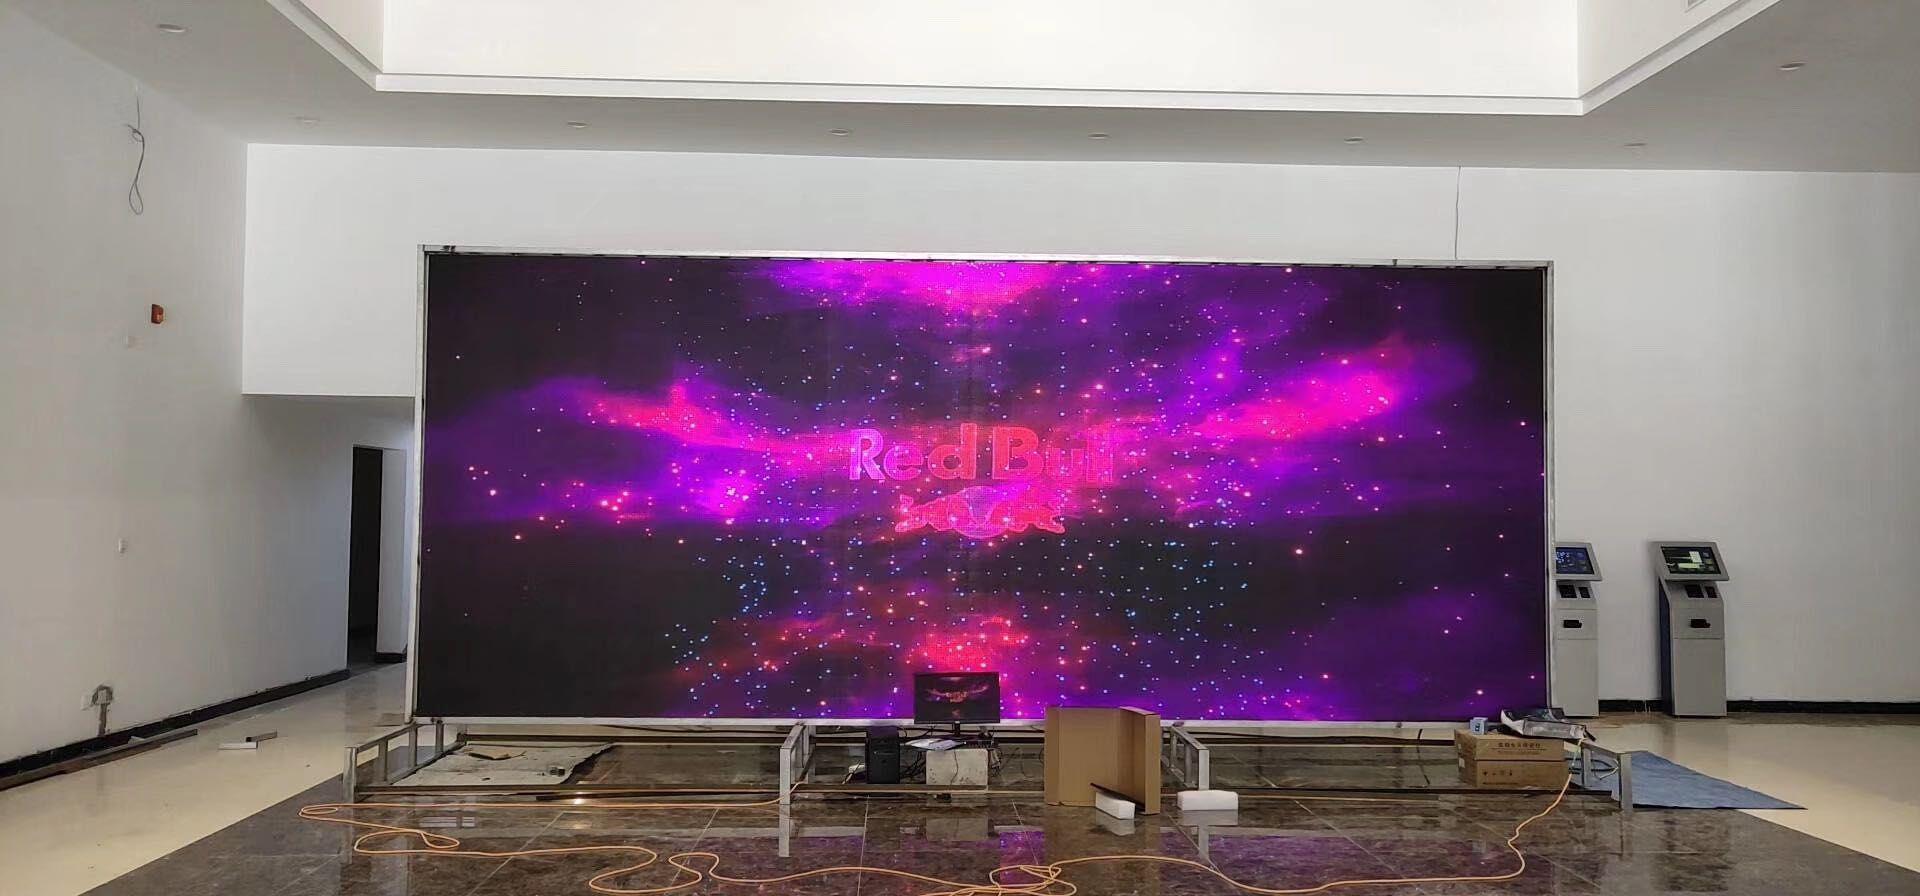 七台河LED显示屏生产厂家-口碑好的LED显示屏大量出售